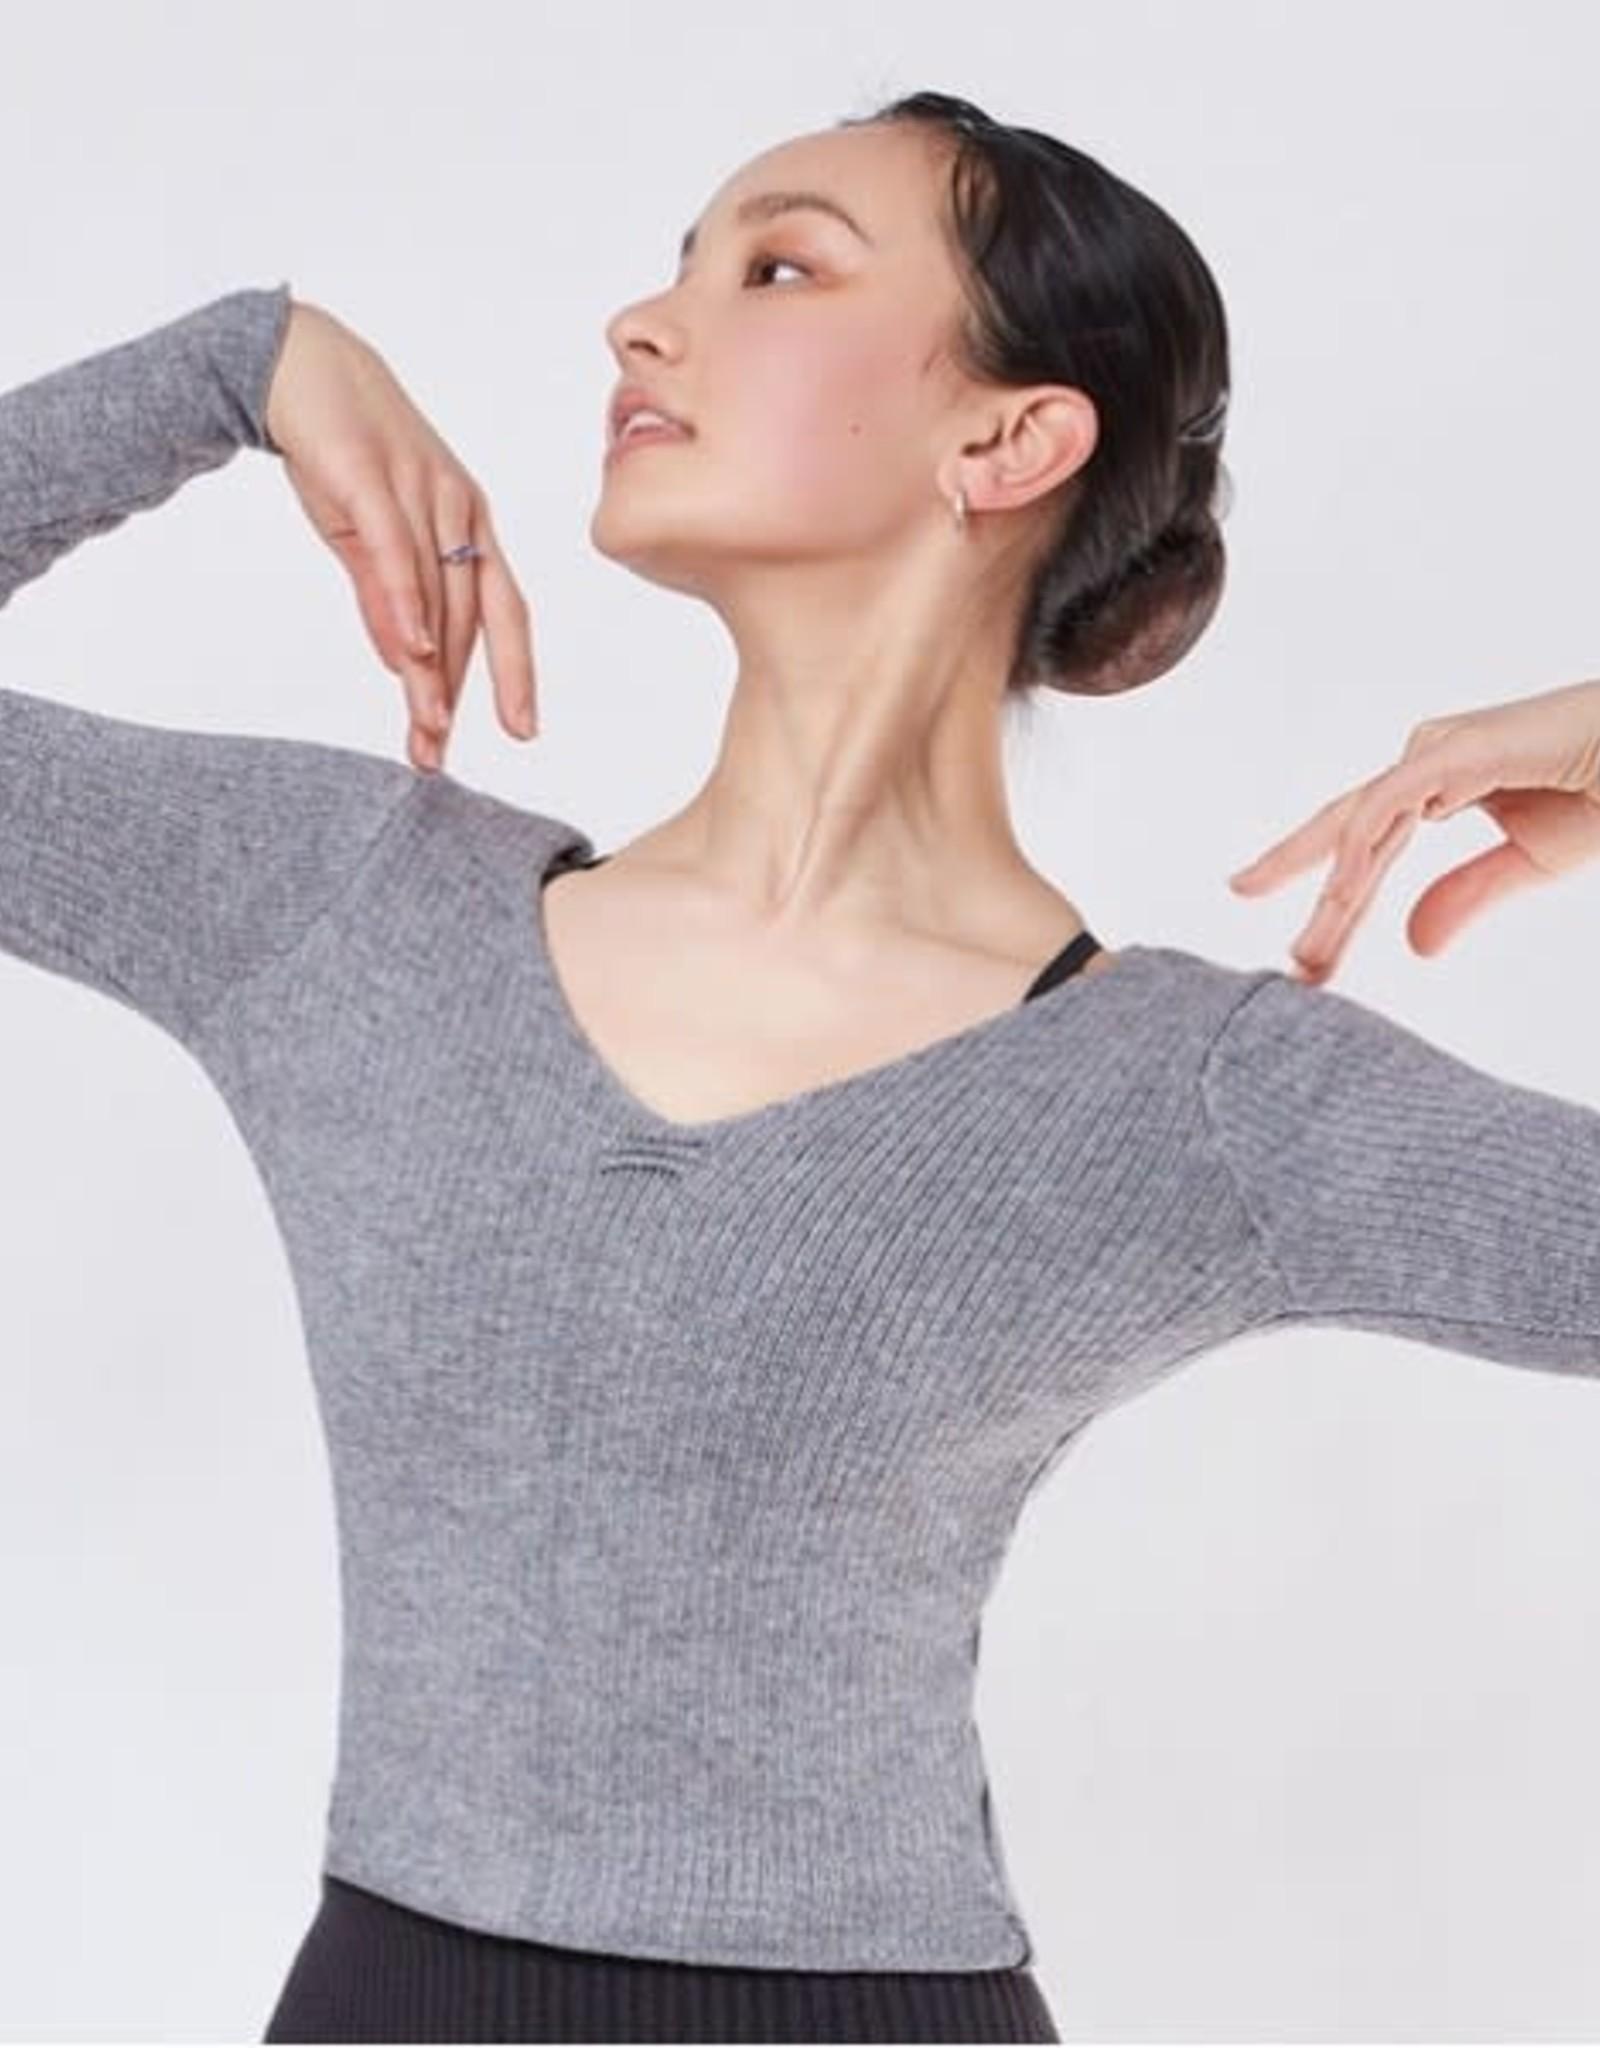 Radadancewear Sansha CHANDAIL MANCHES LONGUES GULIZAR AD